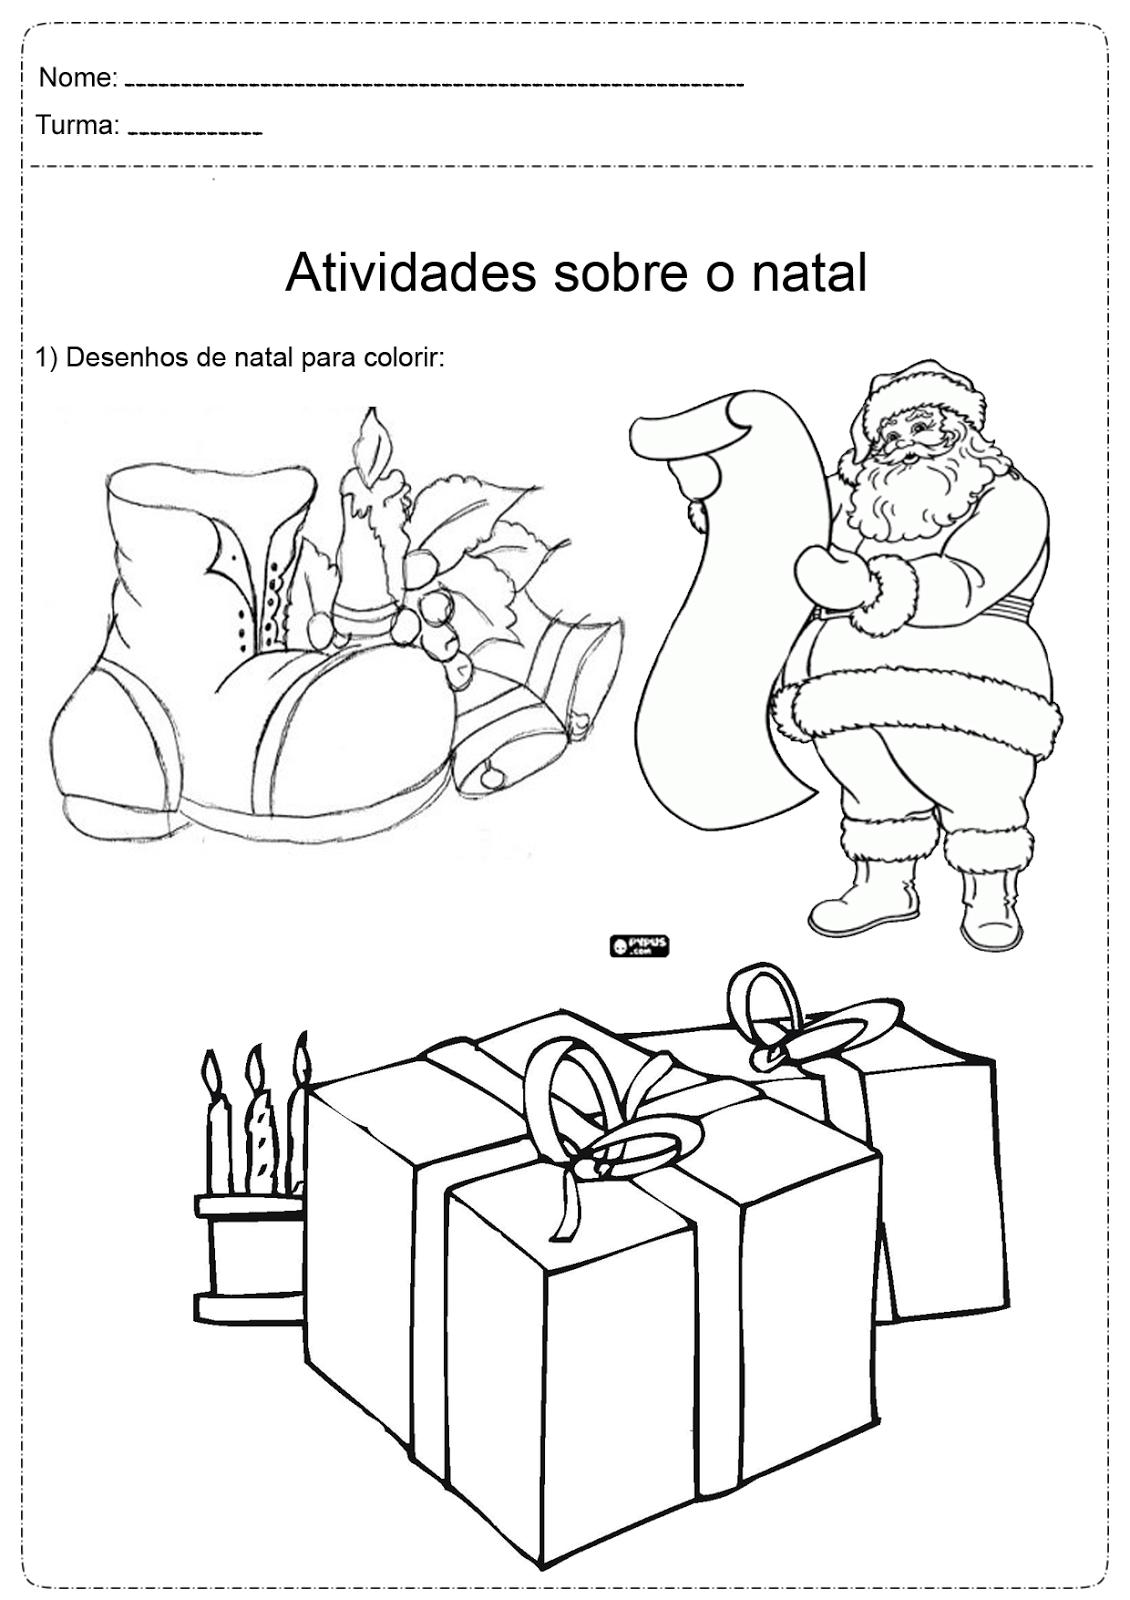 Desenhos Natal Colorir 11 Fichas E Atividades